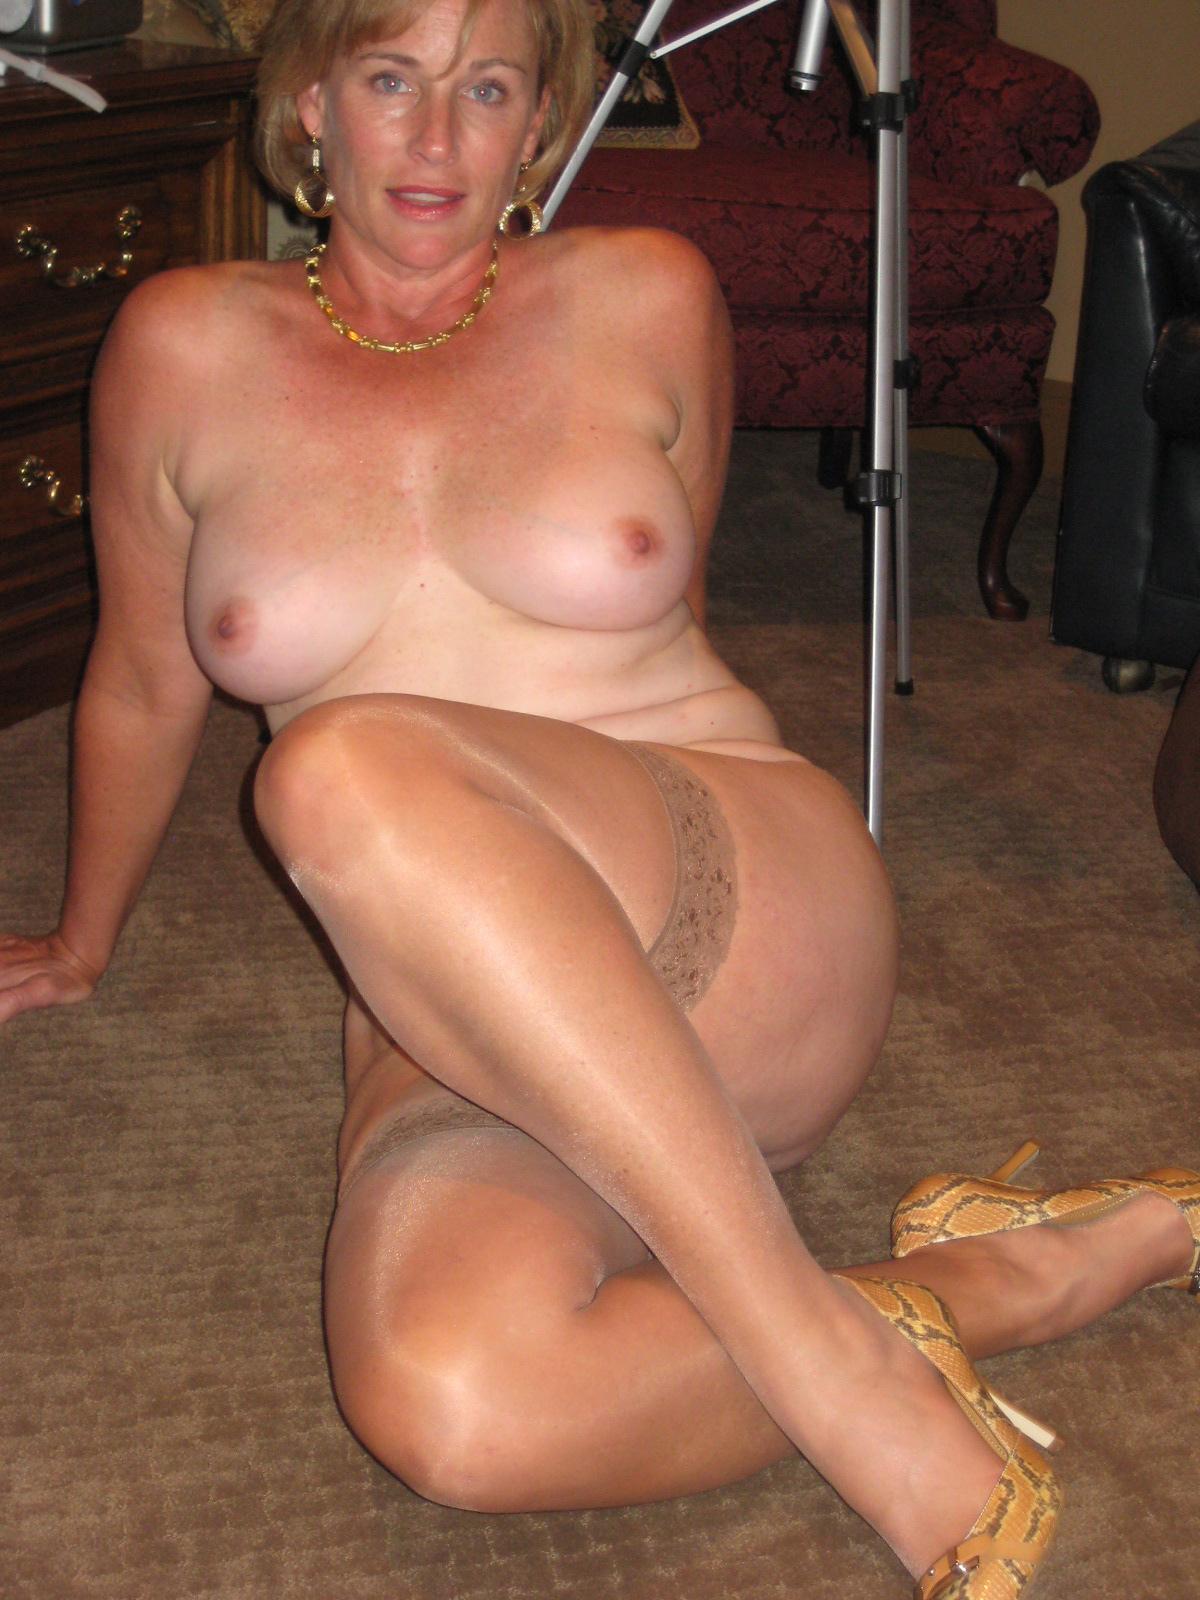 amateur milf nude sexy